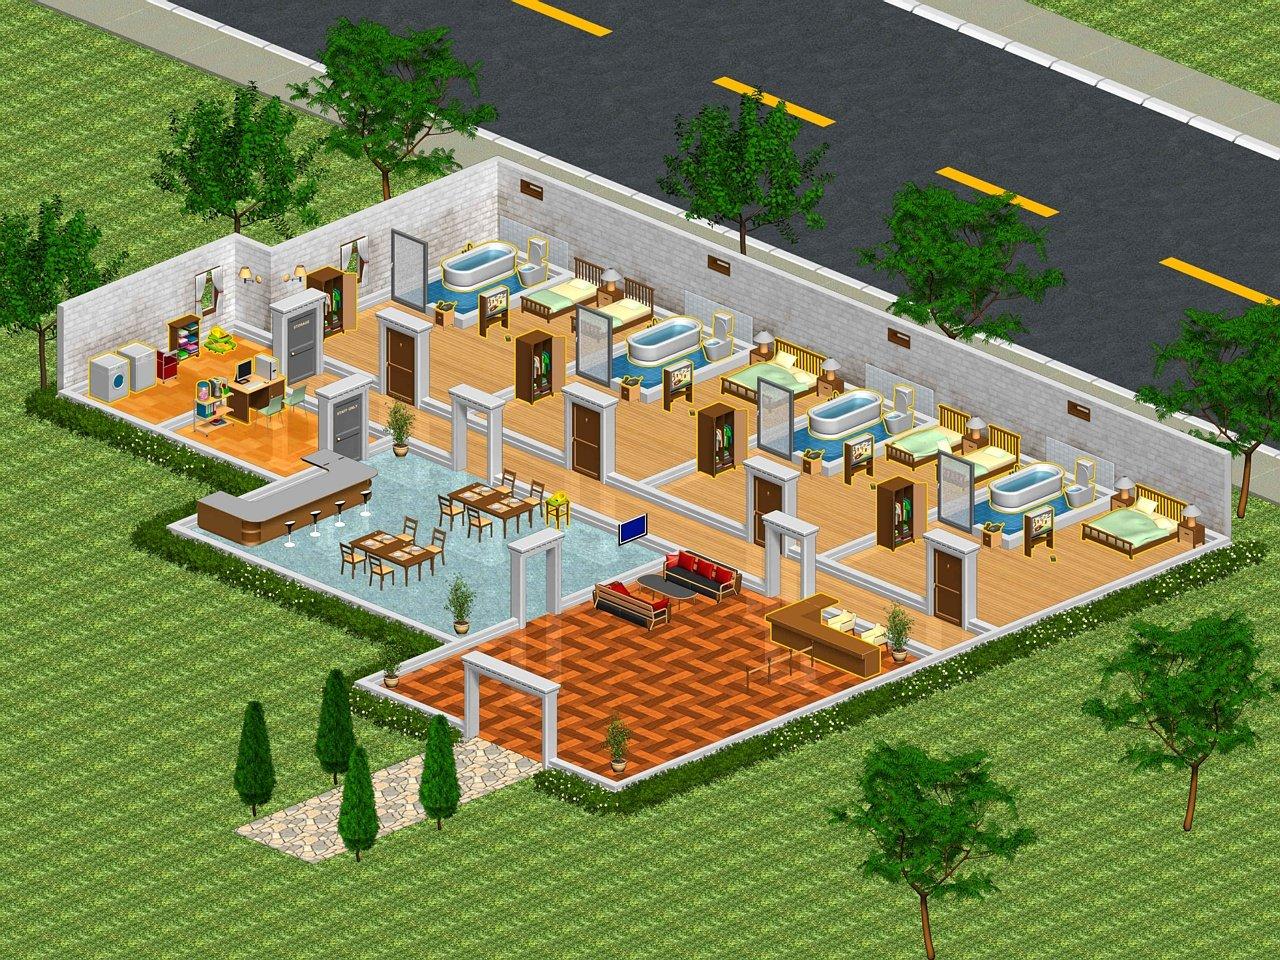 онлайн результатом игры про отель и гостиницы предоставления